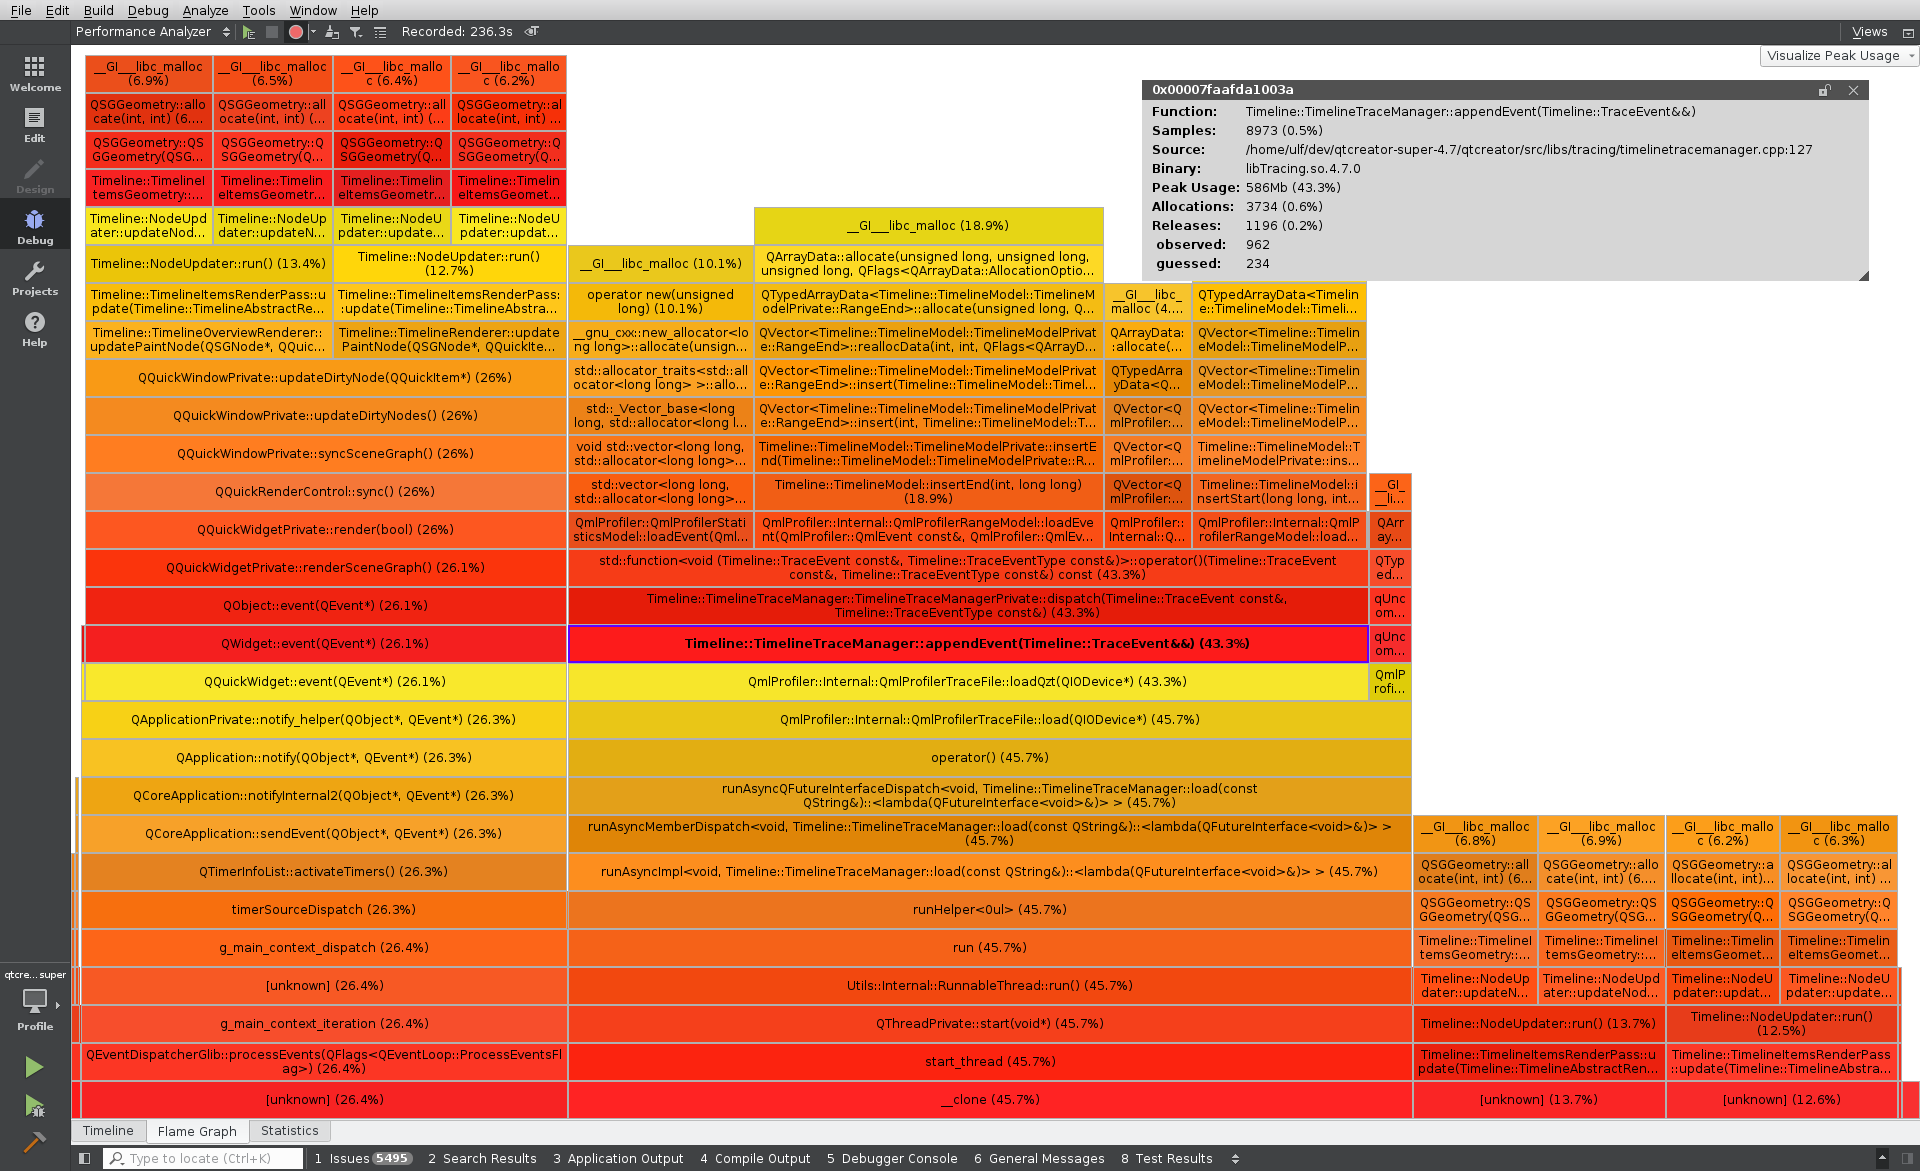 Memory Profiling: Flame Graph of peak usage